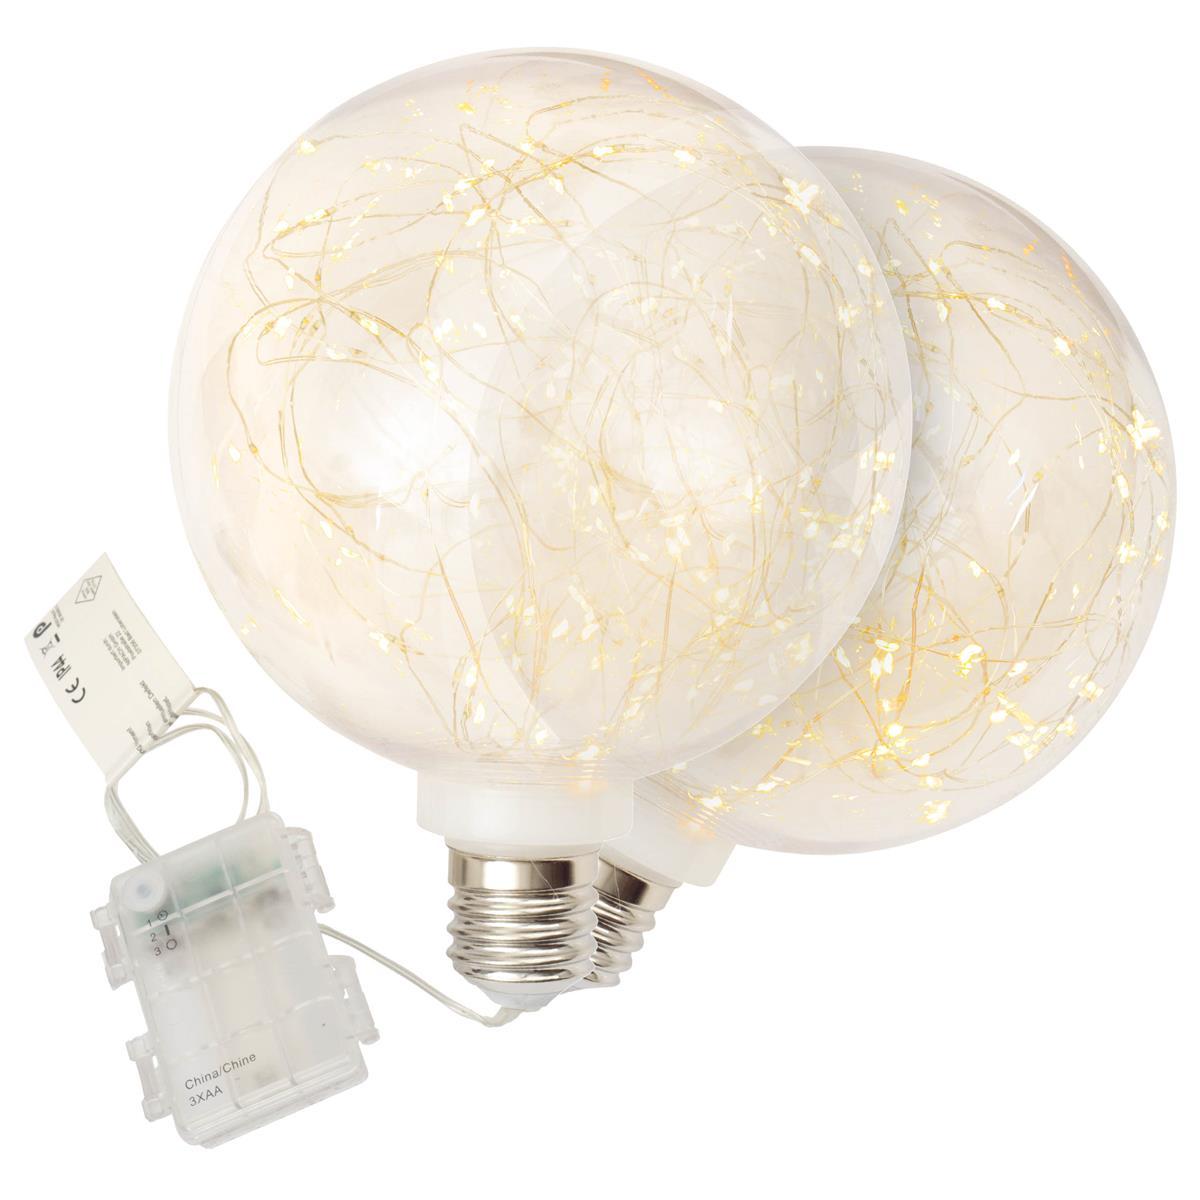 2er Set Dekokugel Glühbirne 80 LED warm weiß 20 cm Lichterkugel Batterie Timer